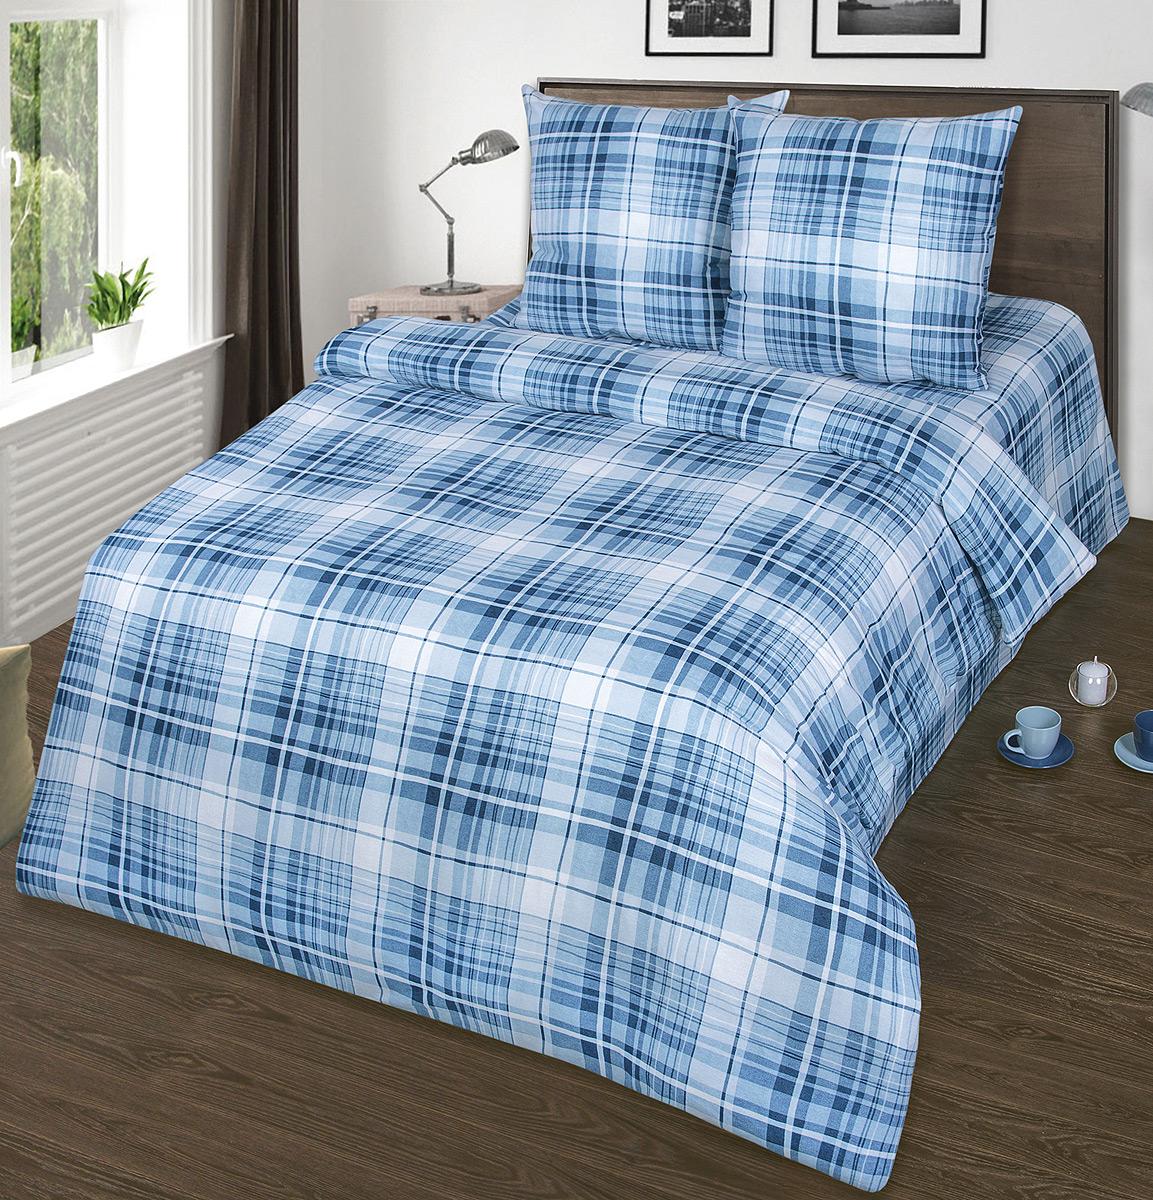 Комплект белья Шоколад Сеньор, 1,5-спальный, наволочки 70x70. Б10006008A7602Комплект постельного белья Шоколад Сеньор является экологически безопасным для всей семьи, так как выполнен из натурального хлопка. Комплект состоит из пододеяльника, простыни и двух наволочек. Постельное белье оформлено оригинальным рисунком и имеет изысканный внешний вид.Бязь - это ткань полотняного переплетения, изготовленная из экологически чистого и натурального 100% хлопка. Она прочная, мягкая, обладает низкой сминаемостью, легко стирается и хорошо гладится. Бязь прекрасно пропускает воздух и за ней легко ухаживать. При соблюдении рекомендуемых условий стирки, сушки и глажения ткань имеет усадку по ГОСТу, сохранятся яркость текстильных рисунков. Приобретая комплект постельного белья Шоколад Сеньор, вы можете быть уверены в том, что покупка доставит вам и вашим близким удовольствие иподарит максимальный комфорт.